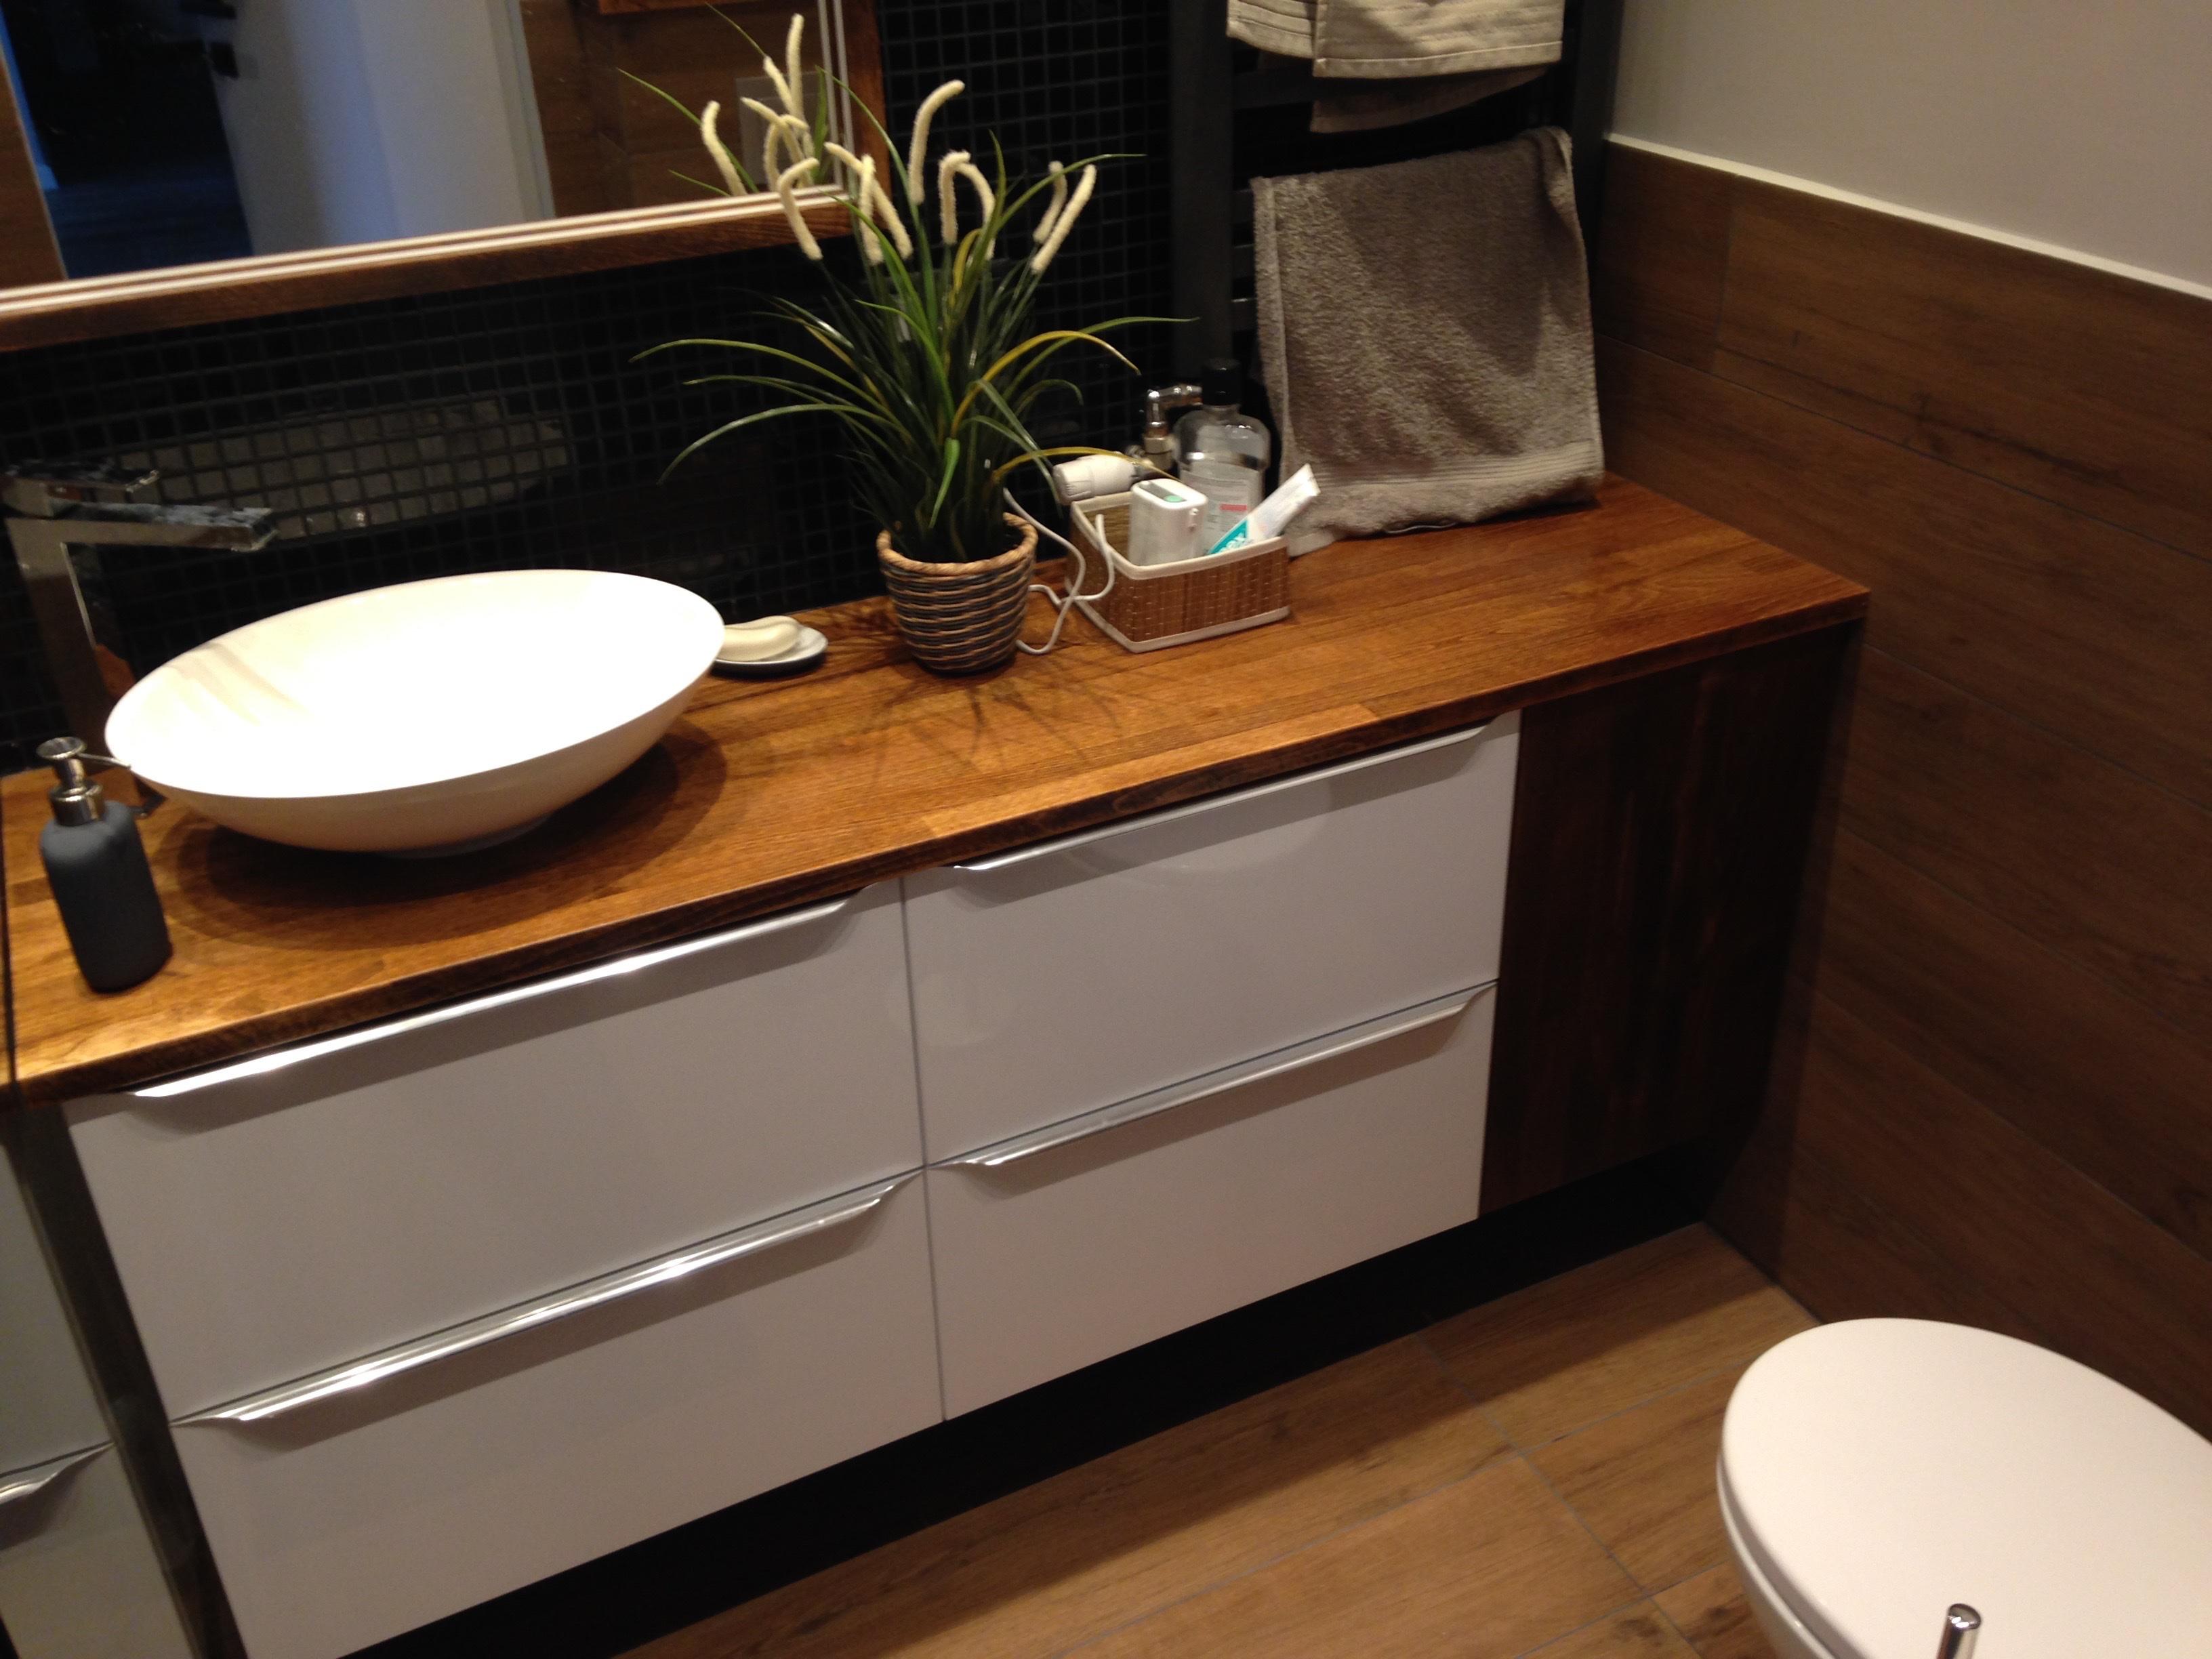 Drewniane Meble łazienkowe Pracownia Mebli I Wnętrz Onlyhome